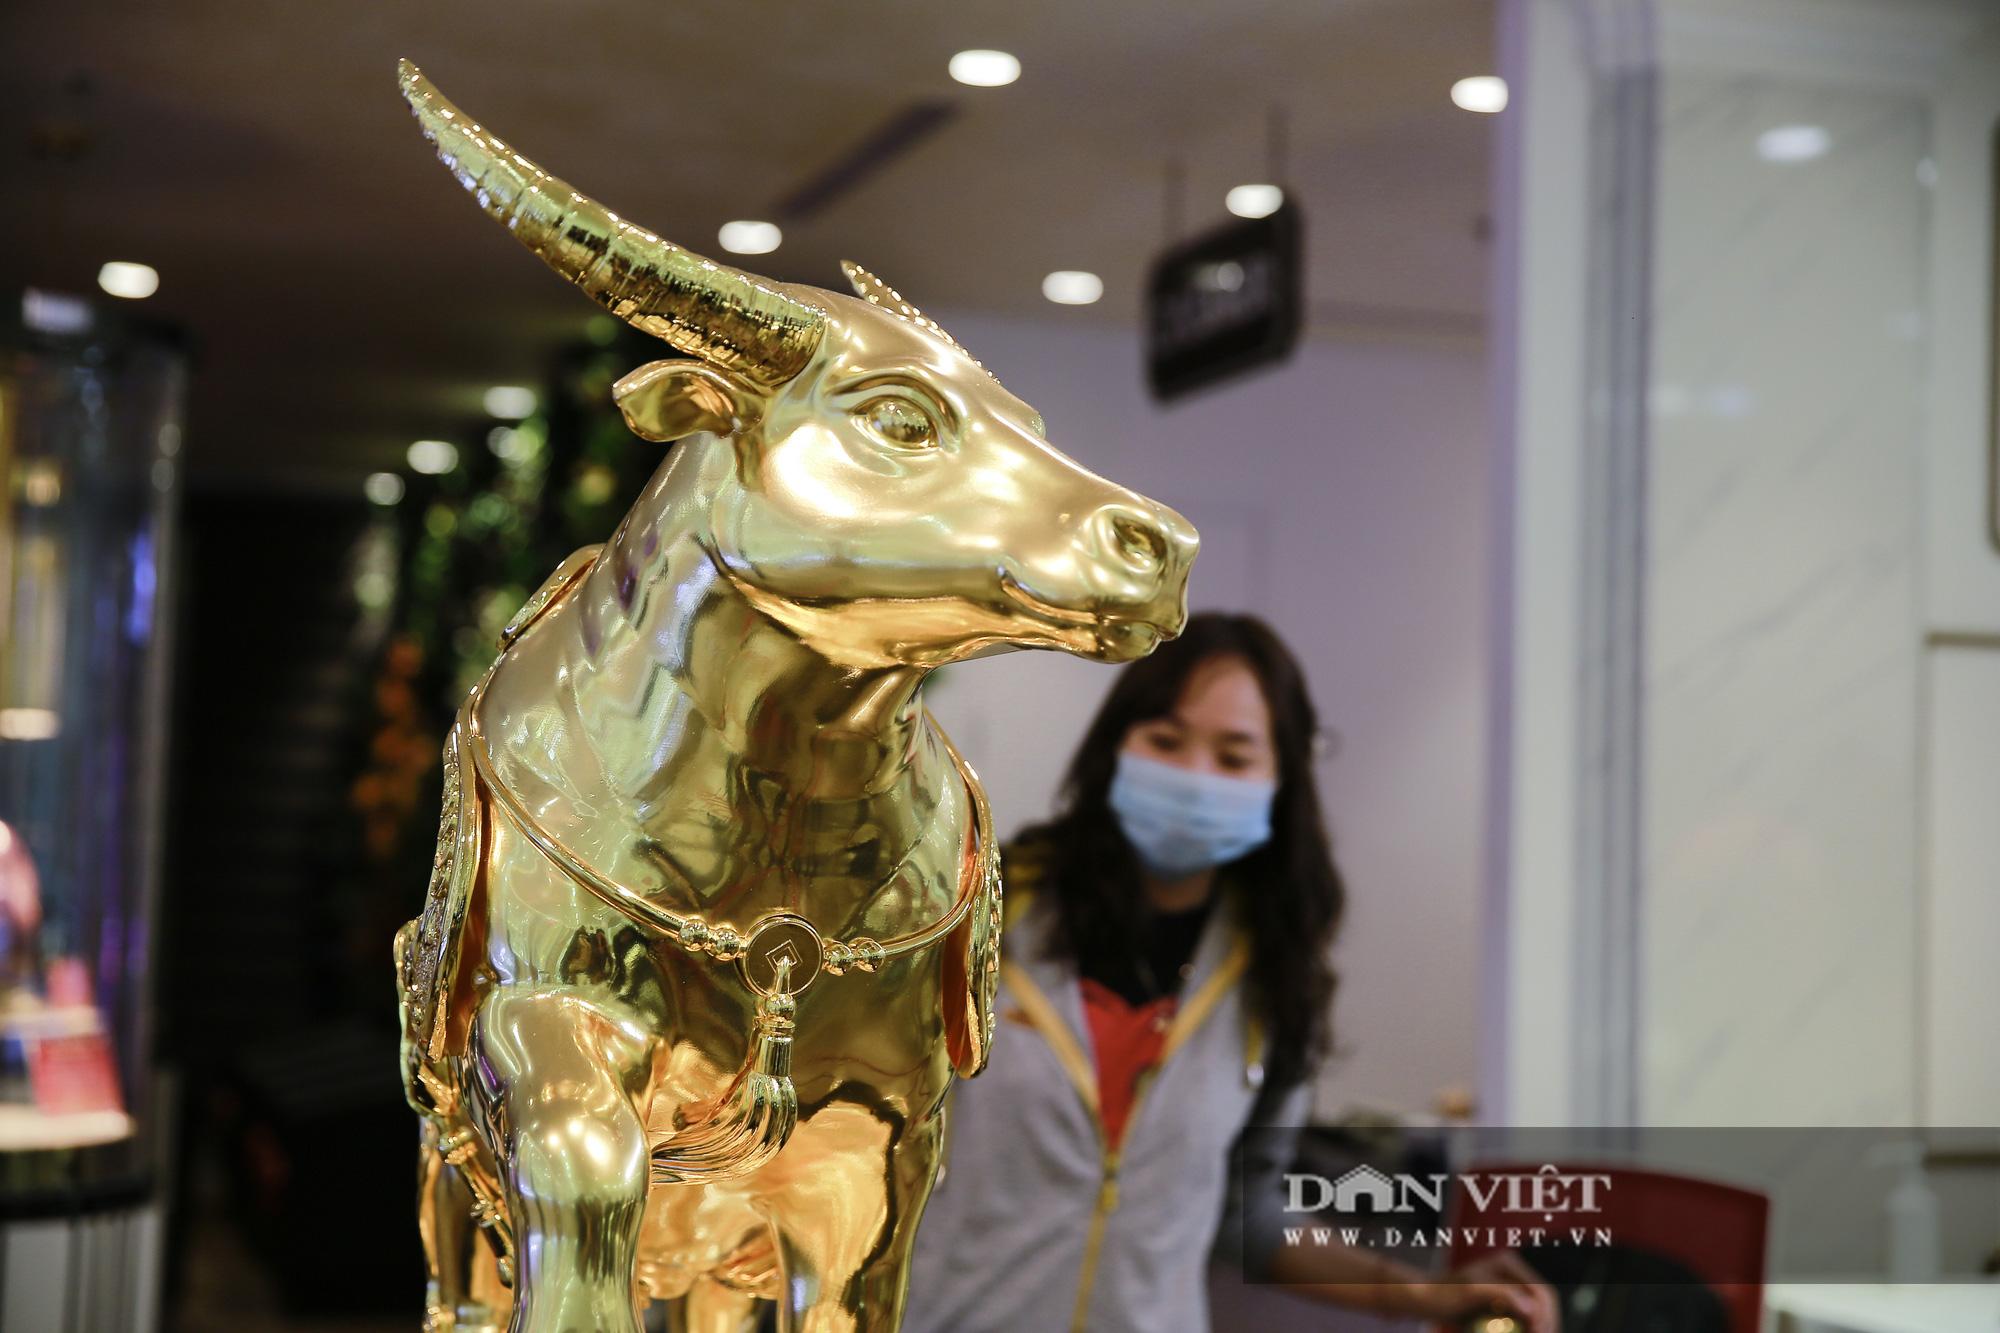 """Chiêm ngưỡng """"Kim Ngưu Vương Bảo"""" đúc từ 530 cây vàng trị giá 38 tỷ đồng - Ảnh 8."""